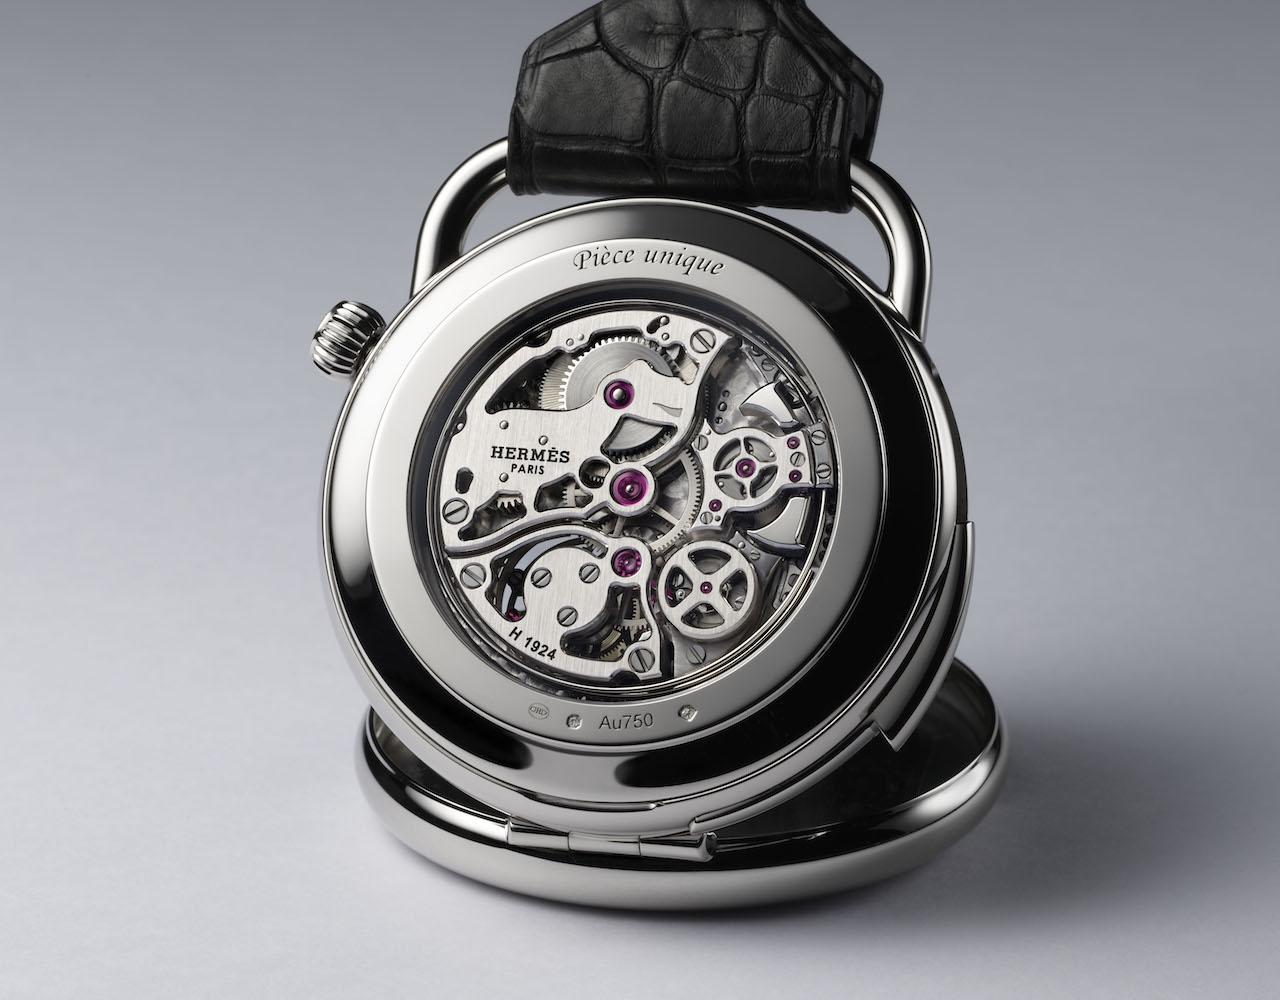 Hermès выпустил карманные часы с изображением тираннозавра (фото 4)